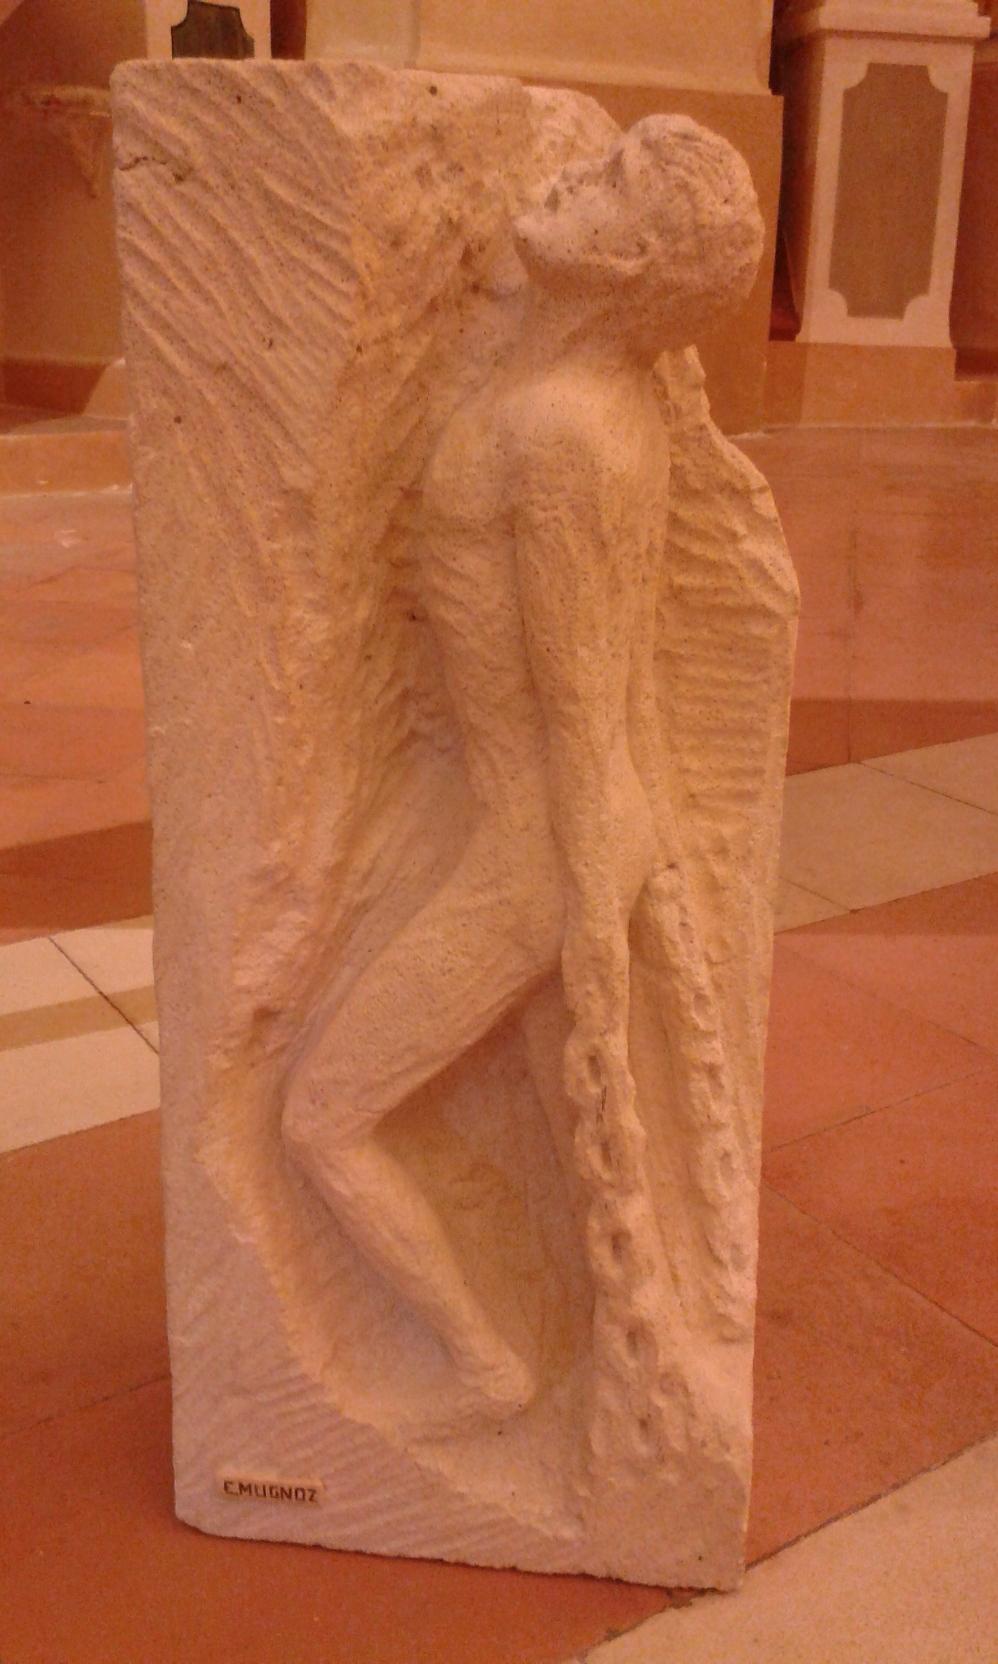 Anelito di libertà, cemento soffiato, 1999